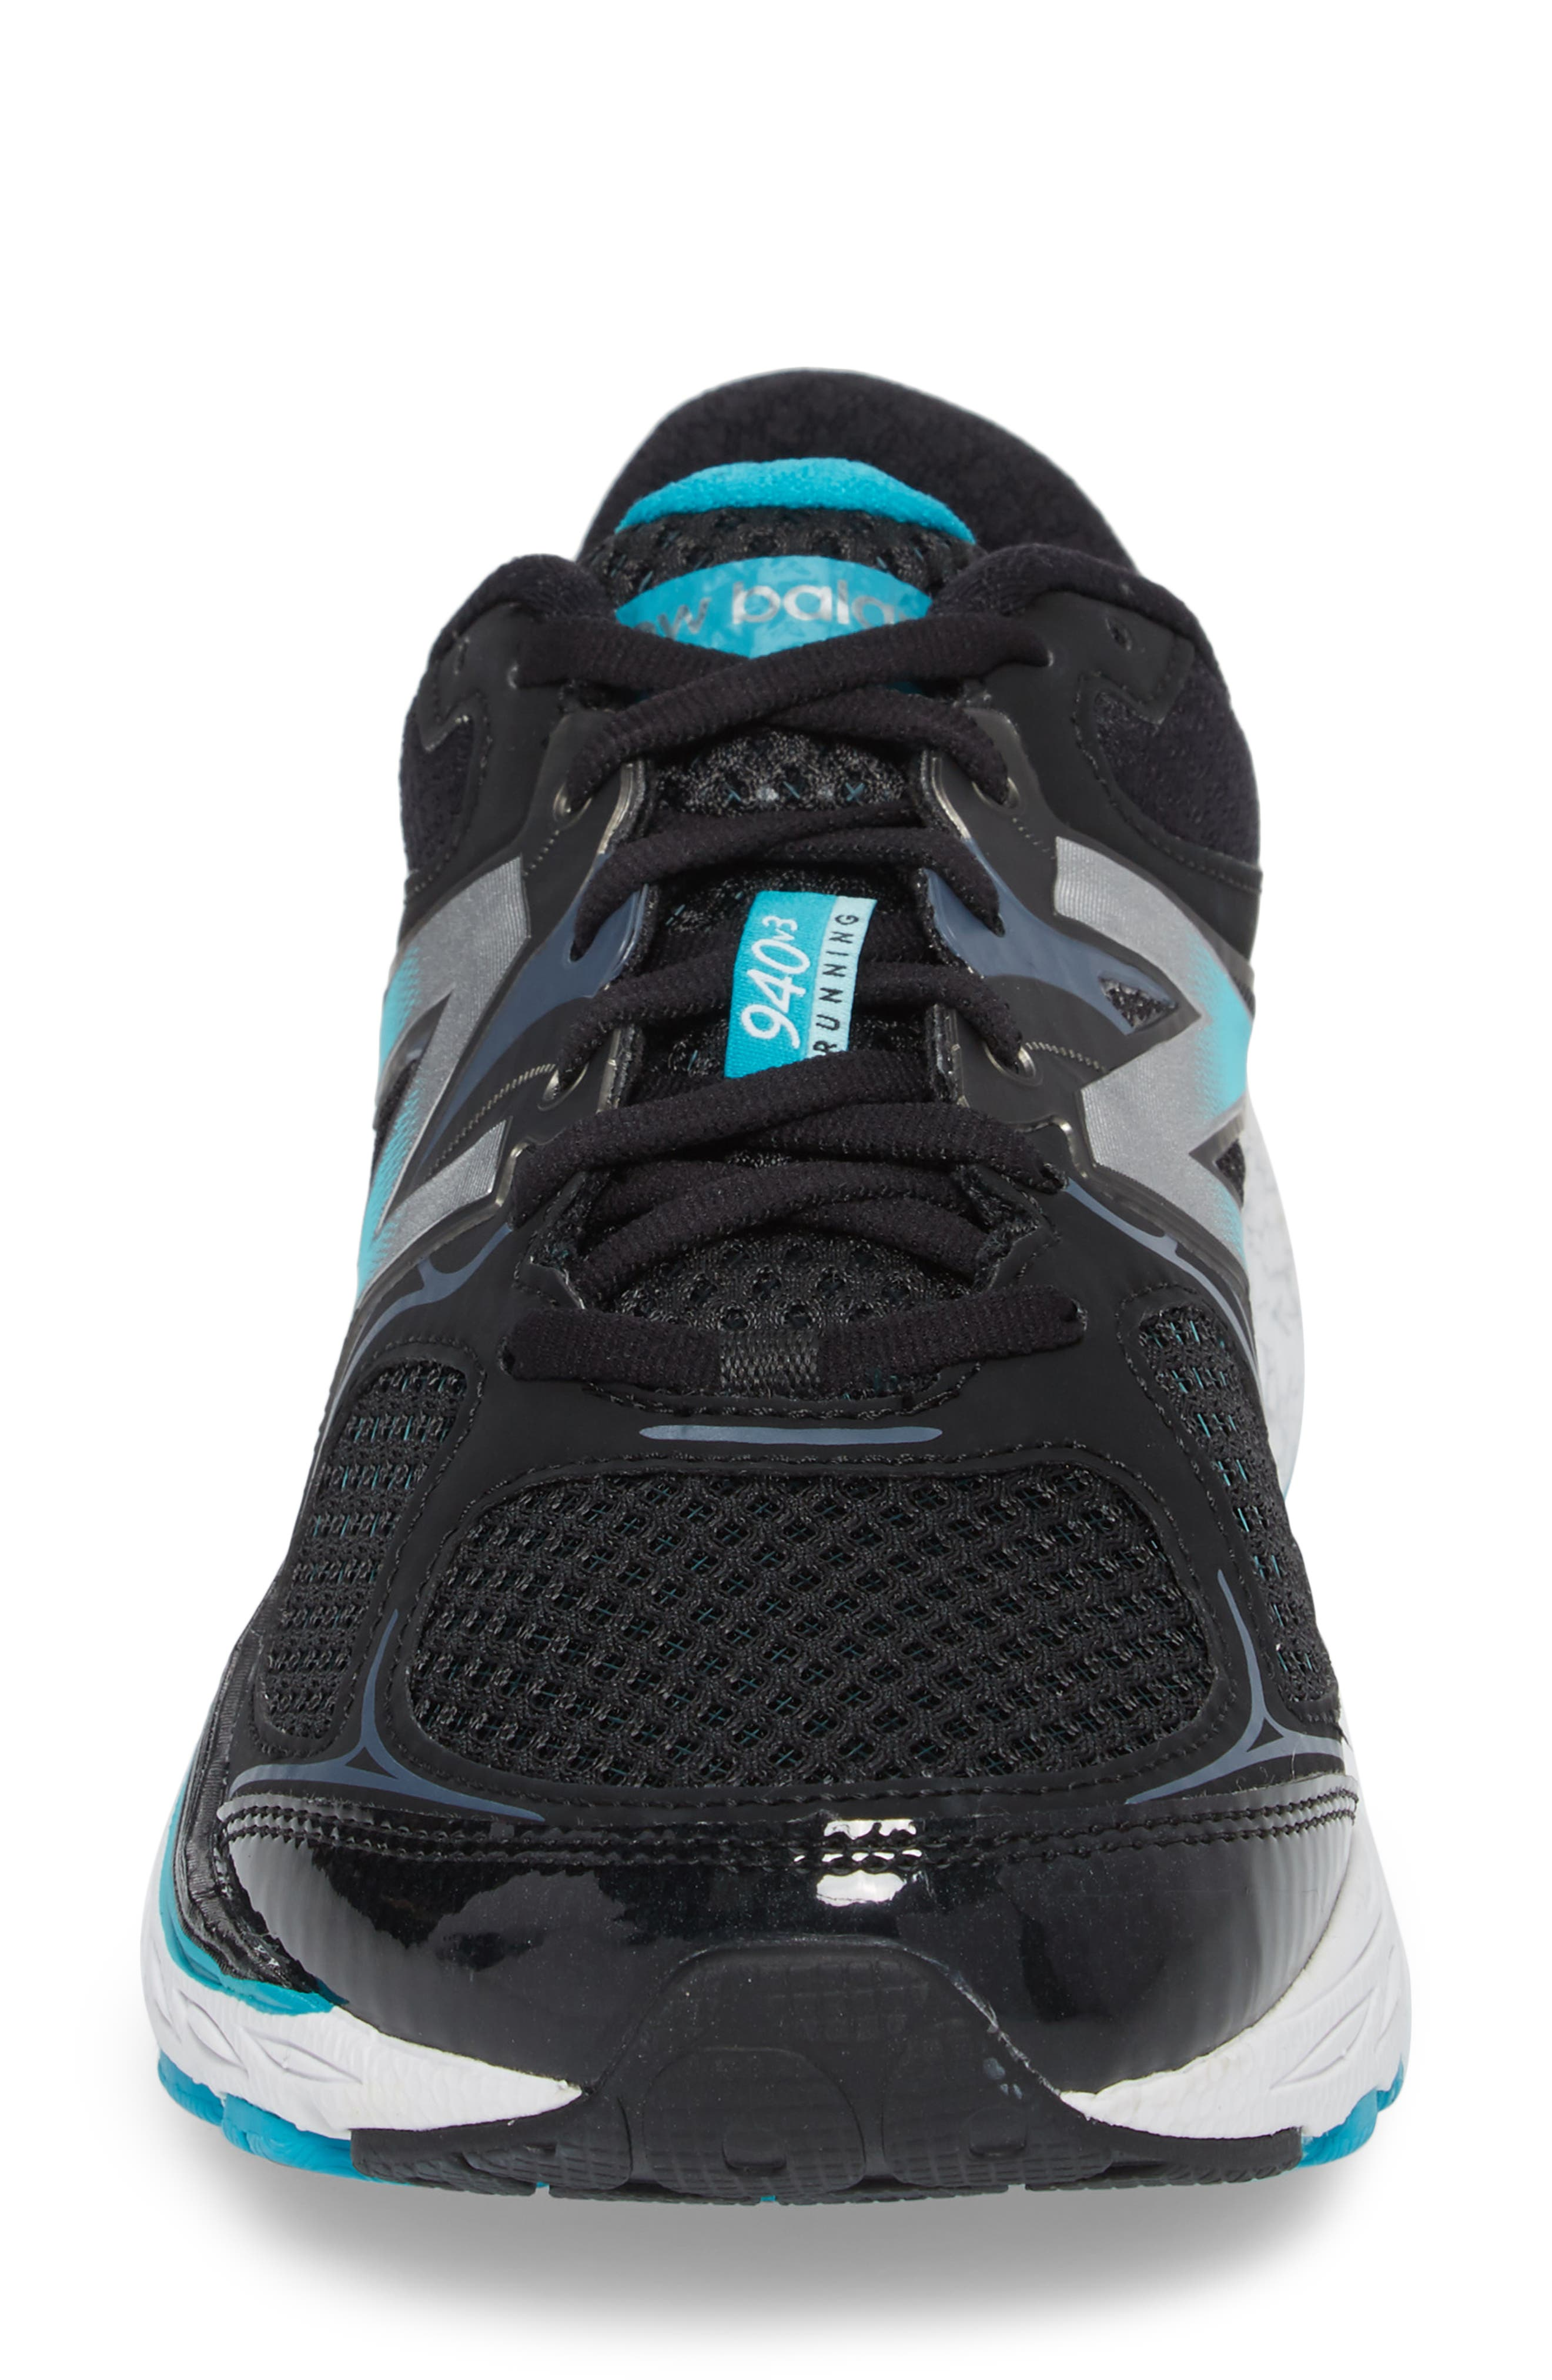 940v3 Running Shoe,                             Alternate thumbnail 4, color,                             BLACK/ BLUE